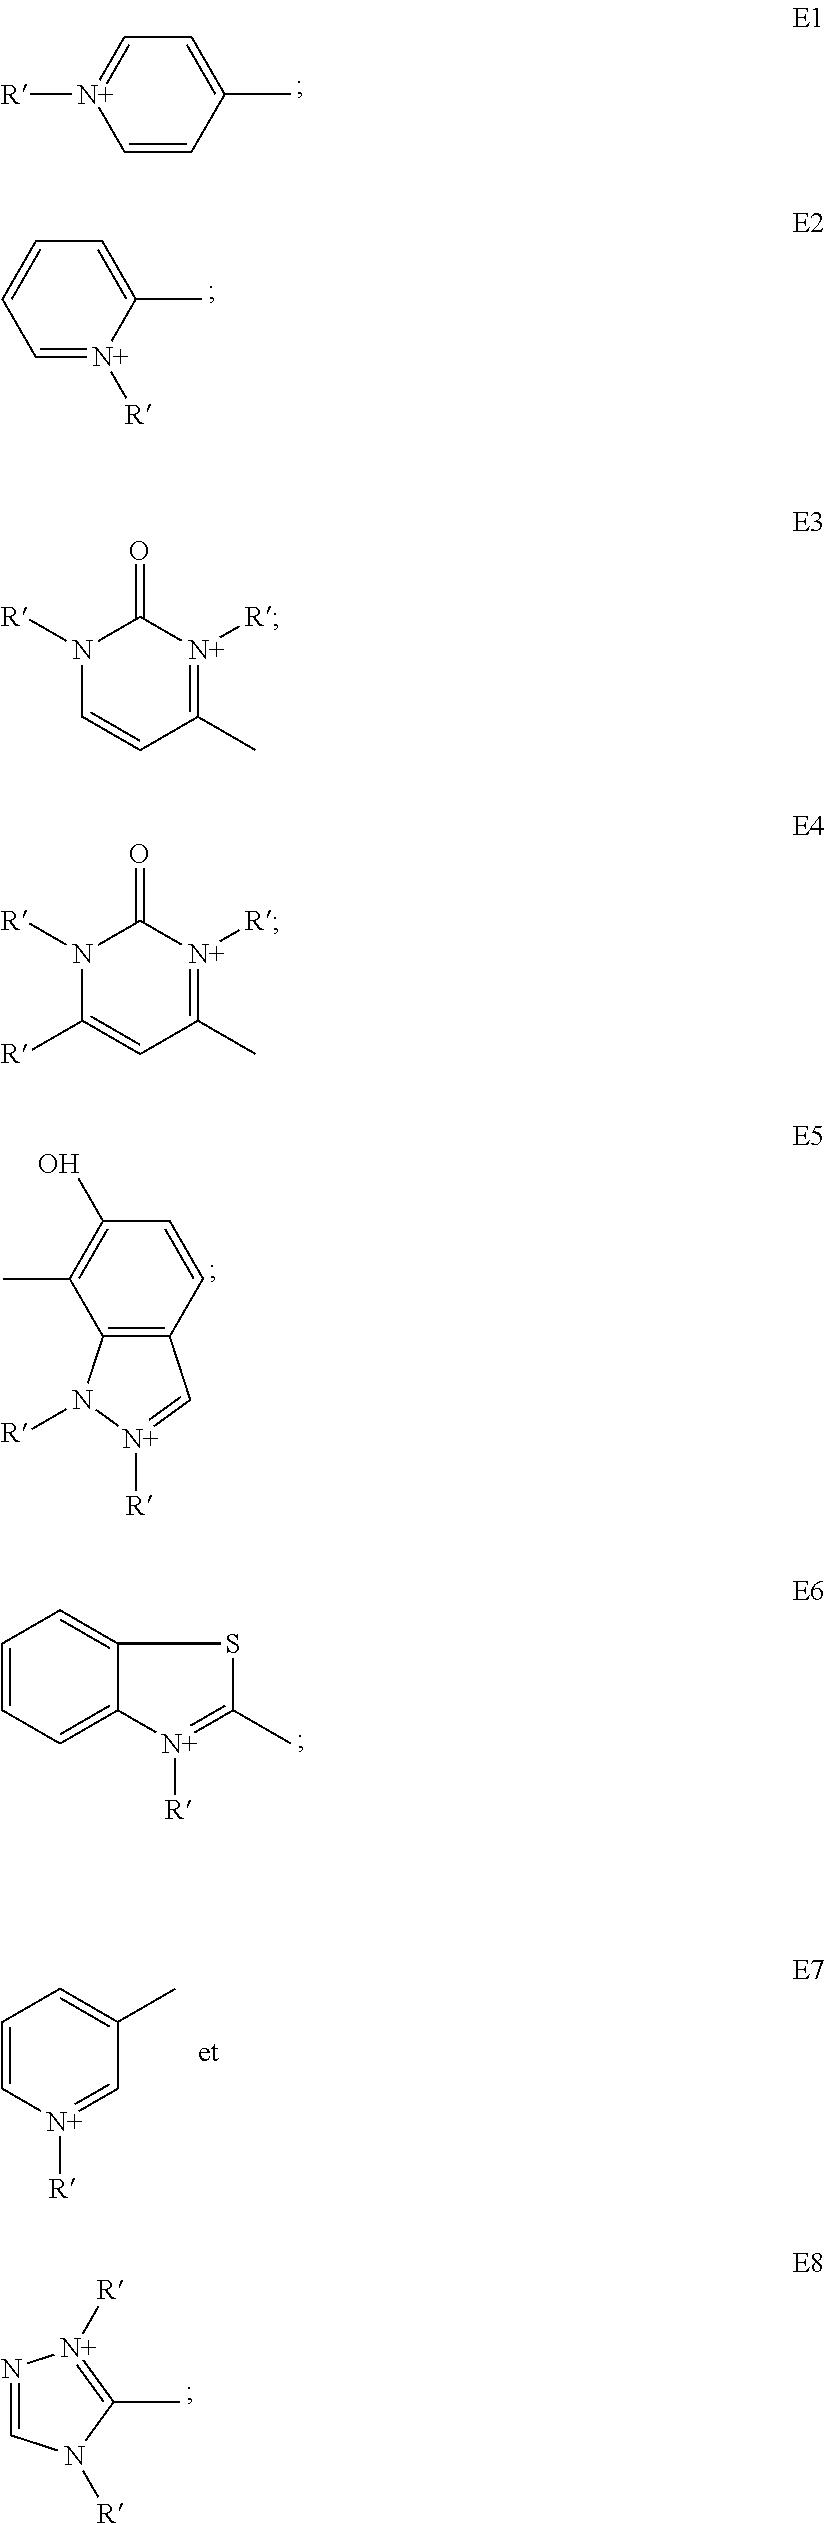 Figure US08088173-20120103-C00007